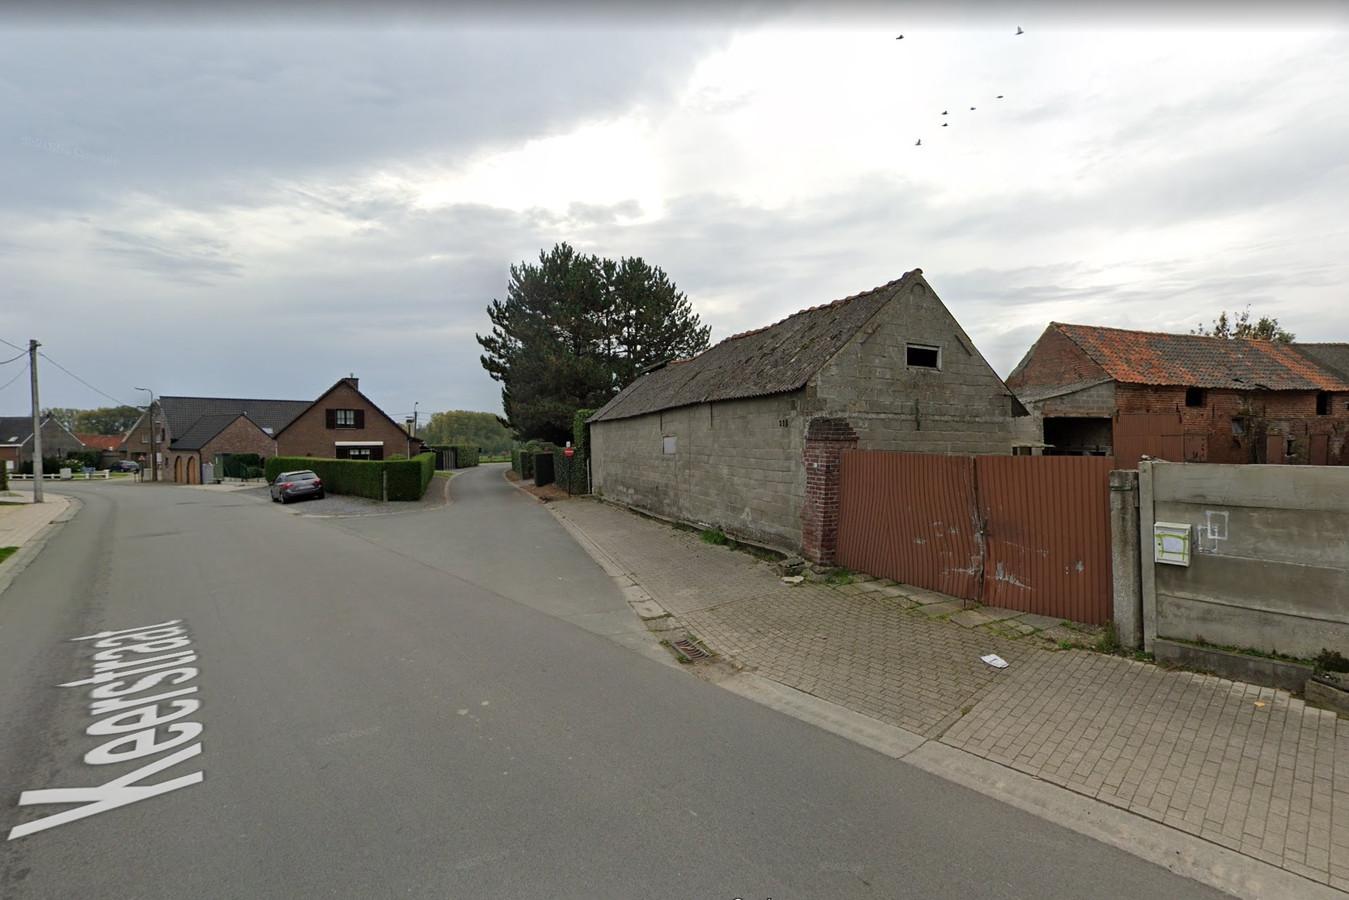 Op de plek van de oude boerderij op de hoek van de Keerstraat wil men vier woningen bouwen.